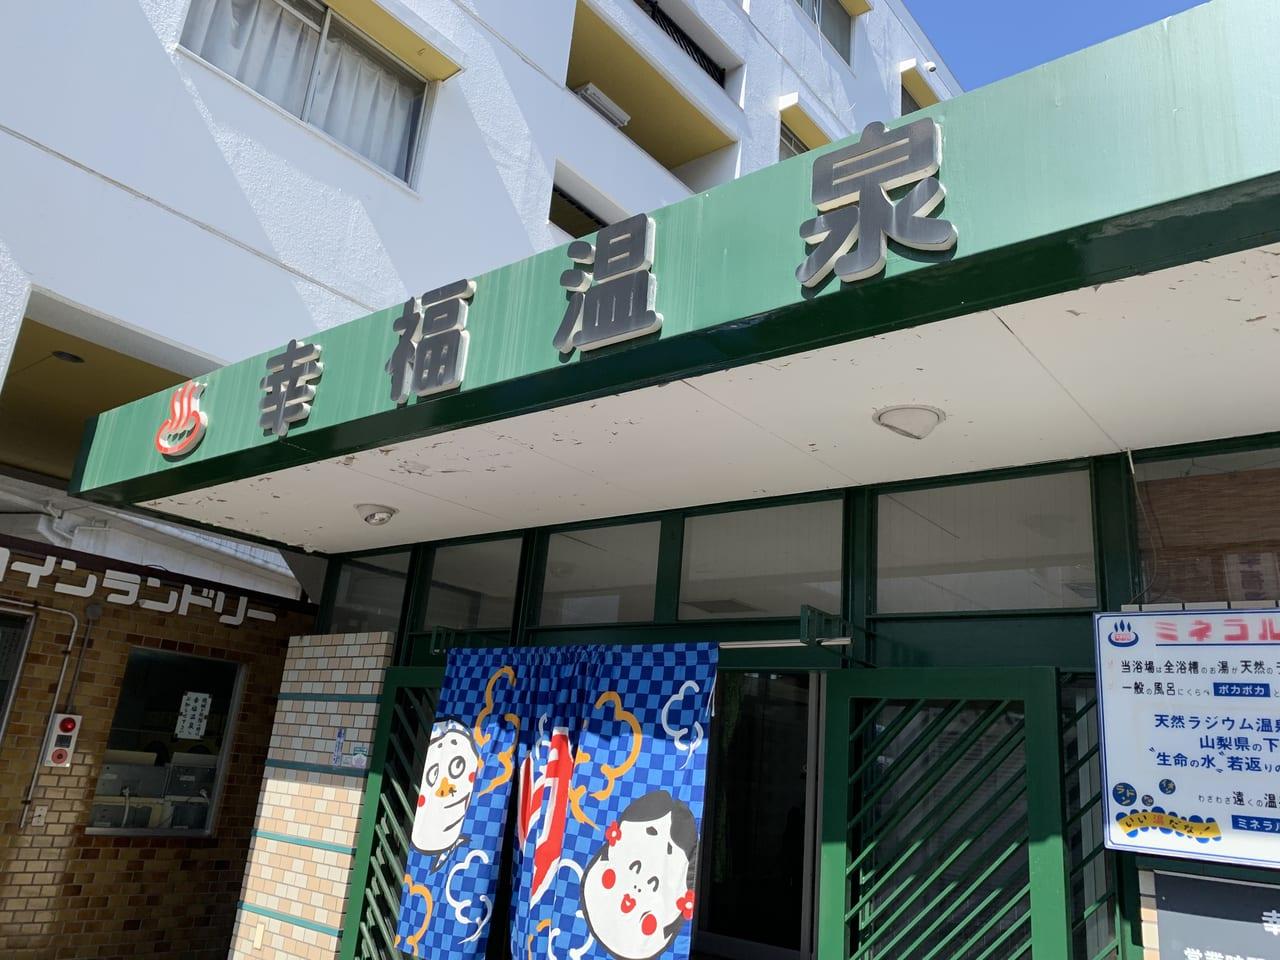 中野 スーパー銭湯 温泉